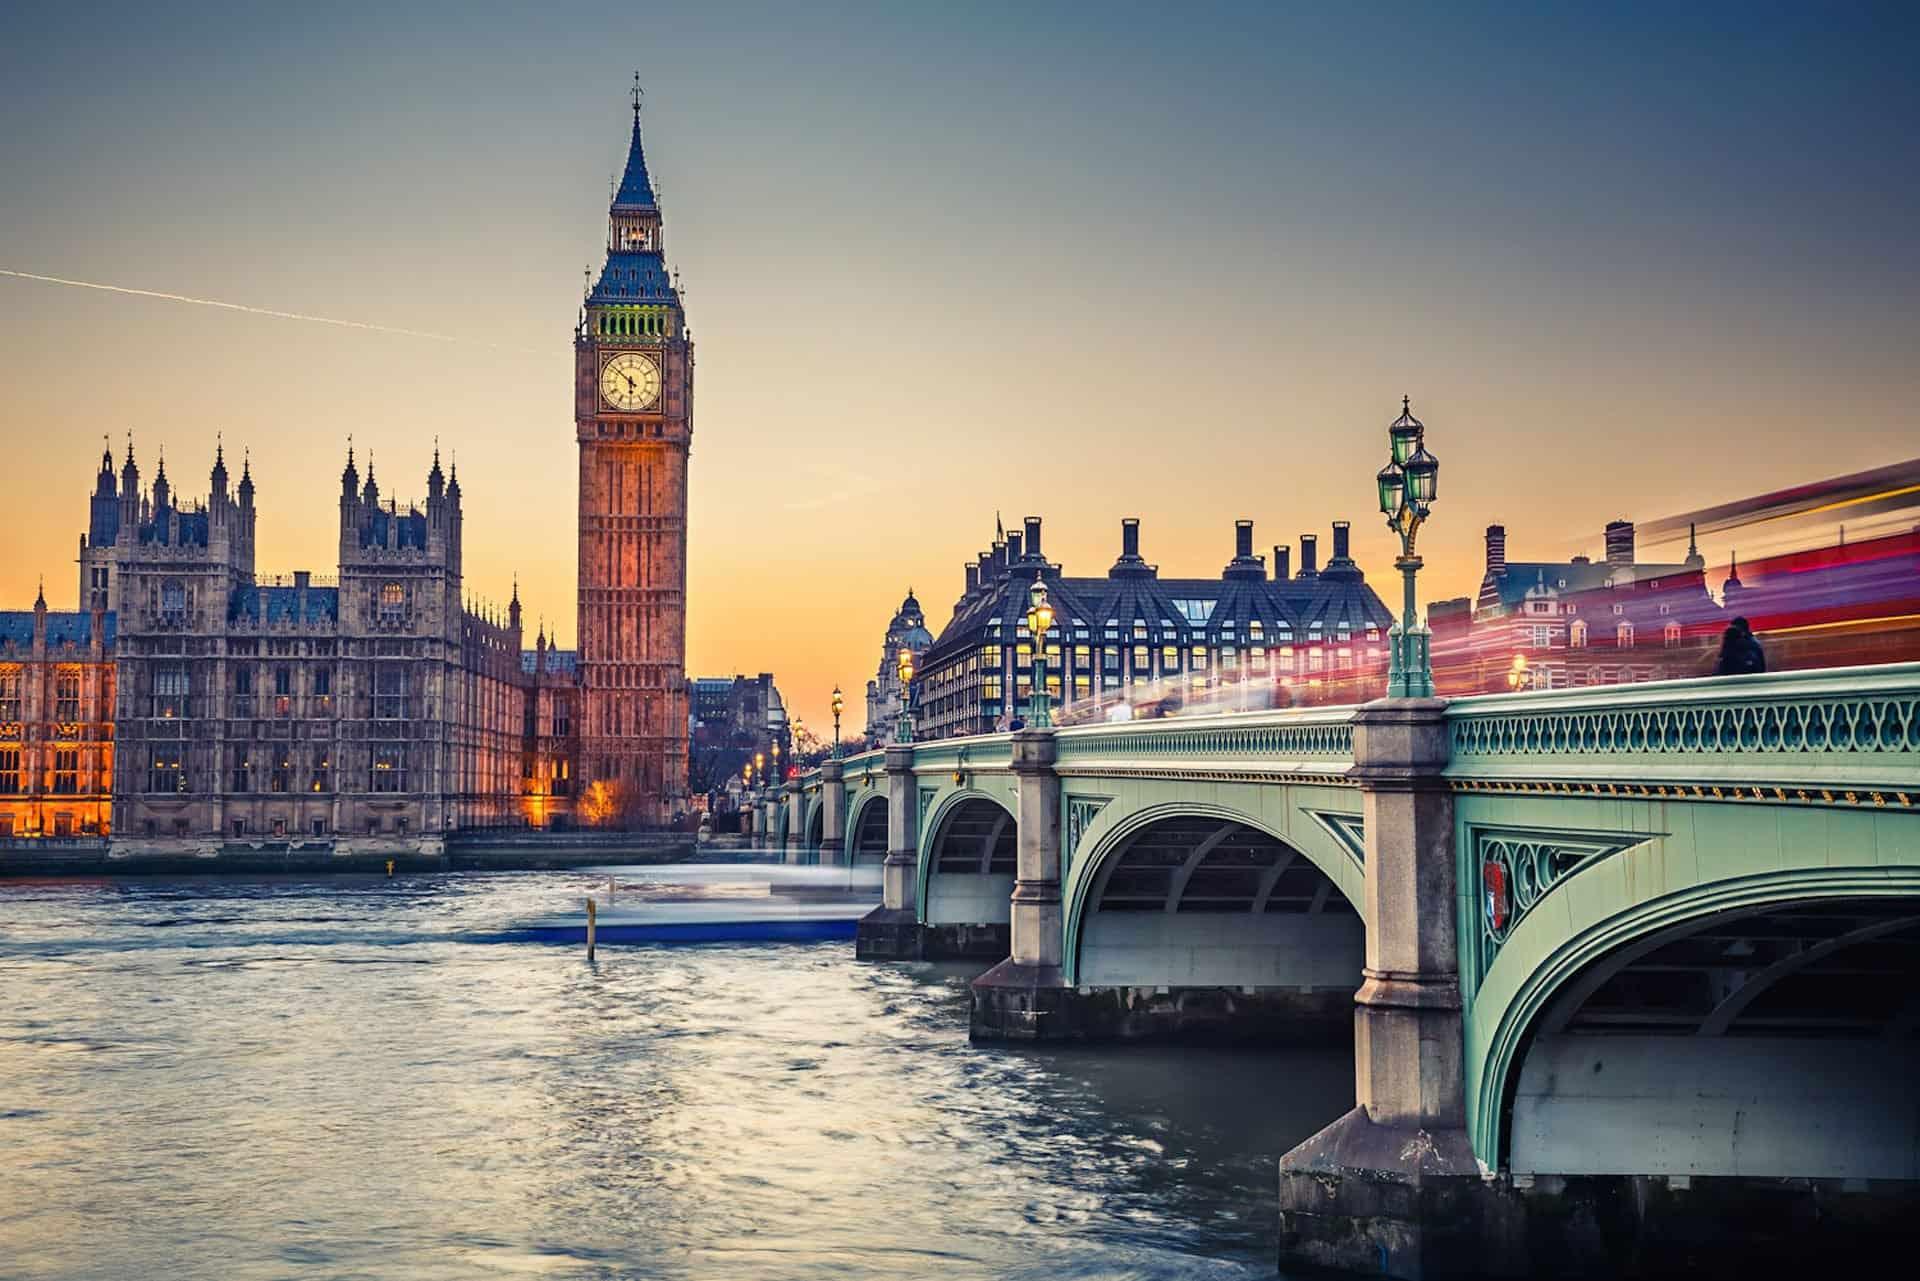 أين تقع بريطانيا وكيف يمكن السفر إليها